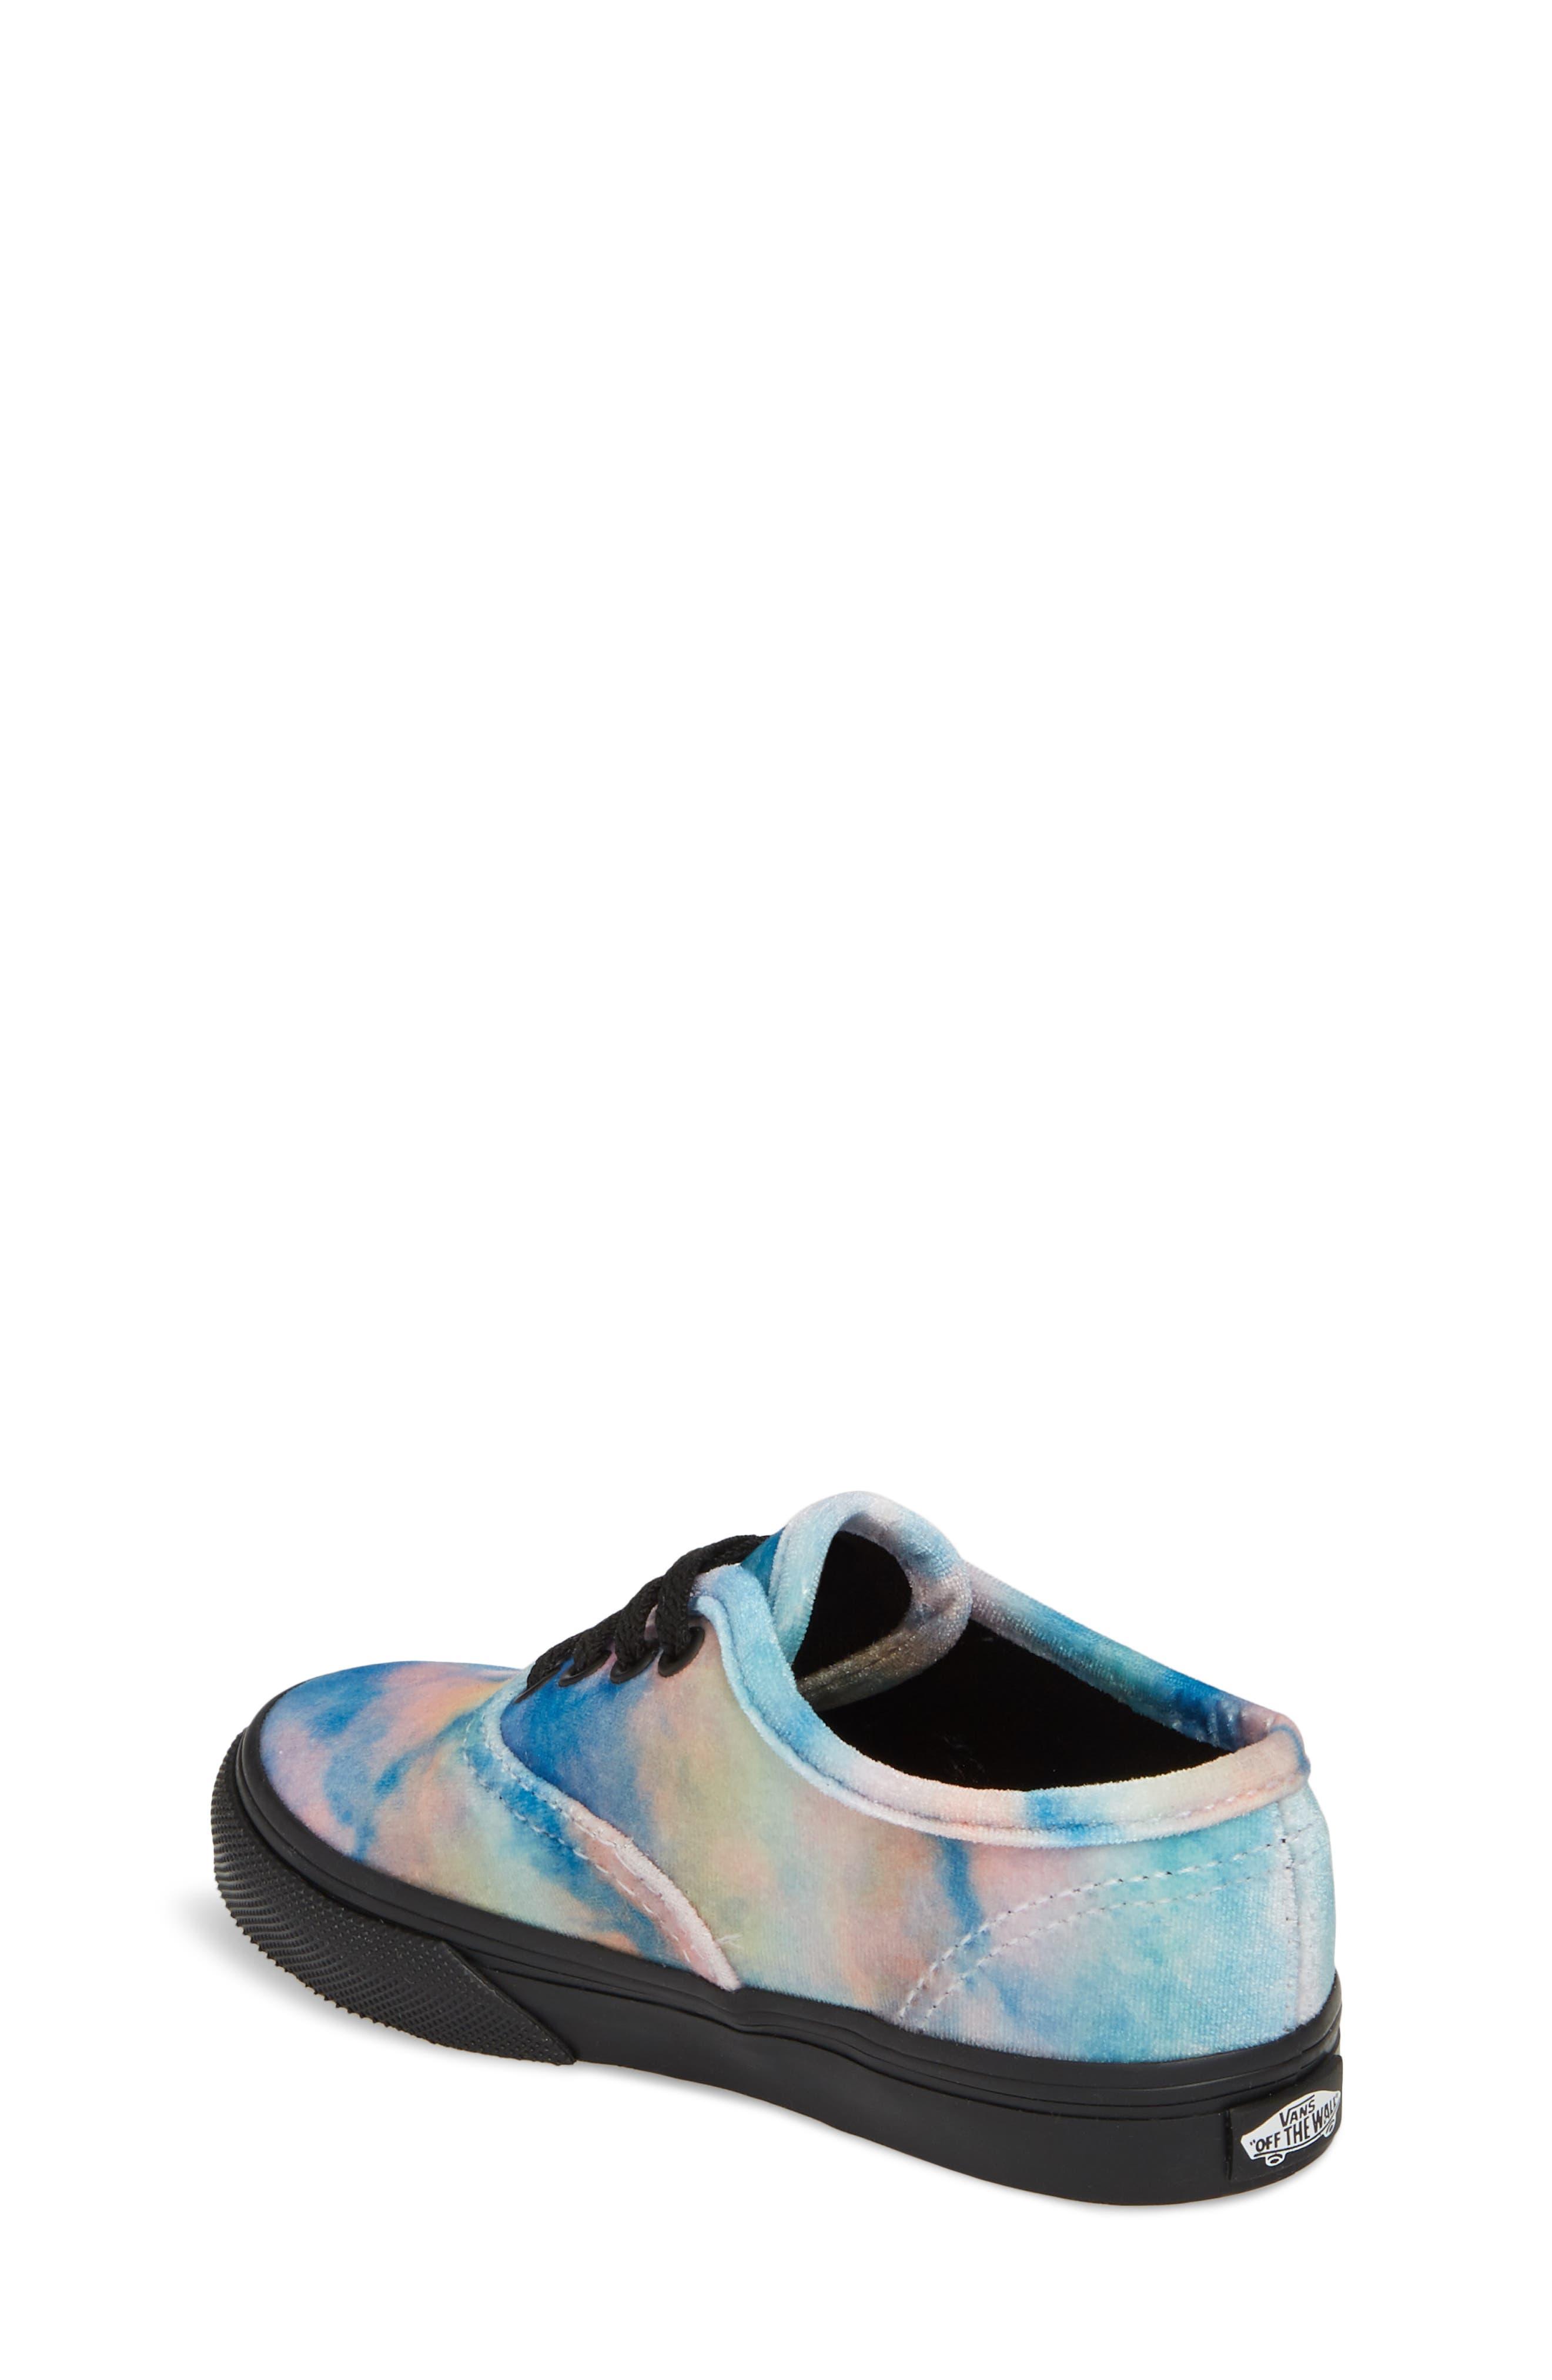 Authentic Velvet Tie Dye Sneaker,                             Alternate thumbnail 2, color,                             Black/ Multi Velvet Tie Dye